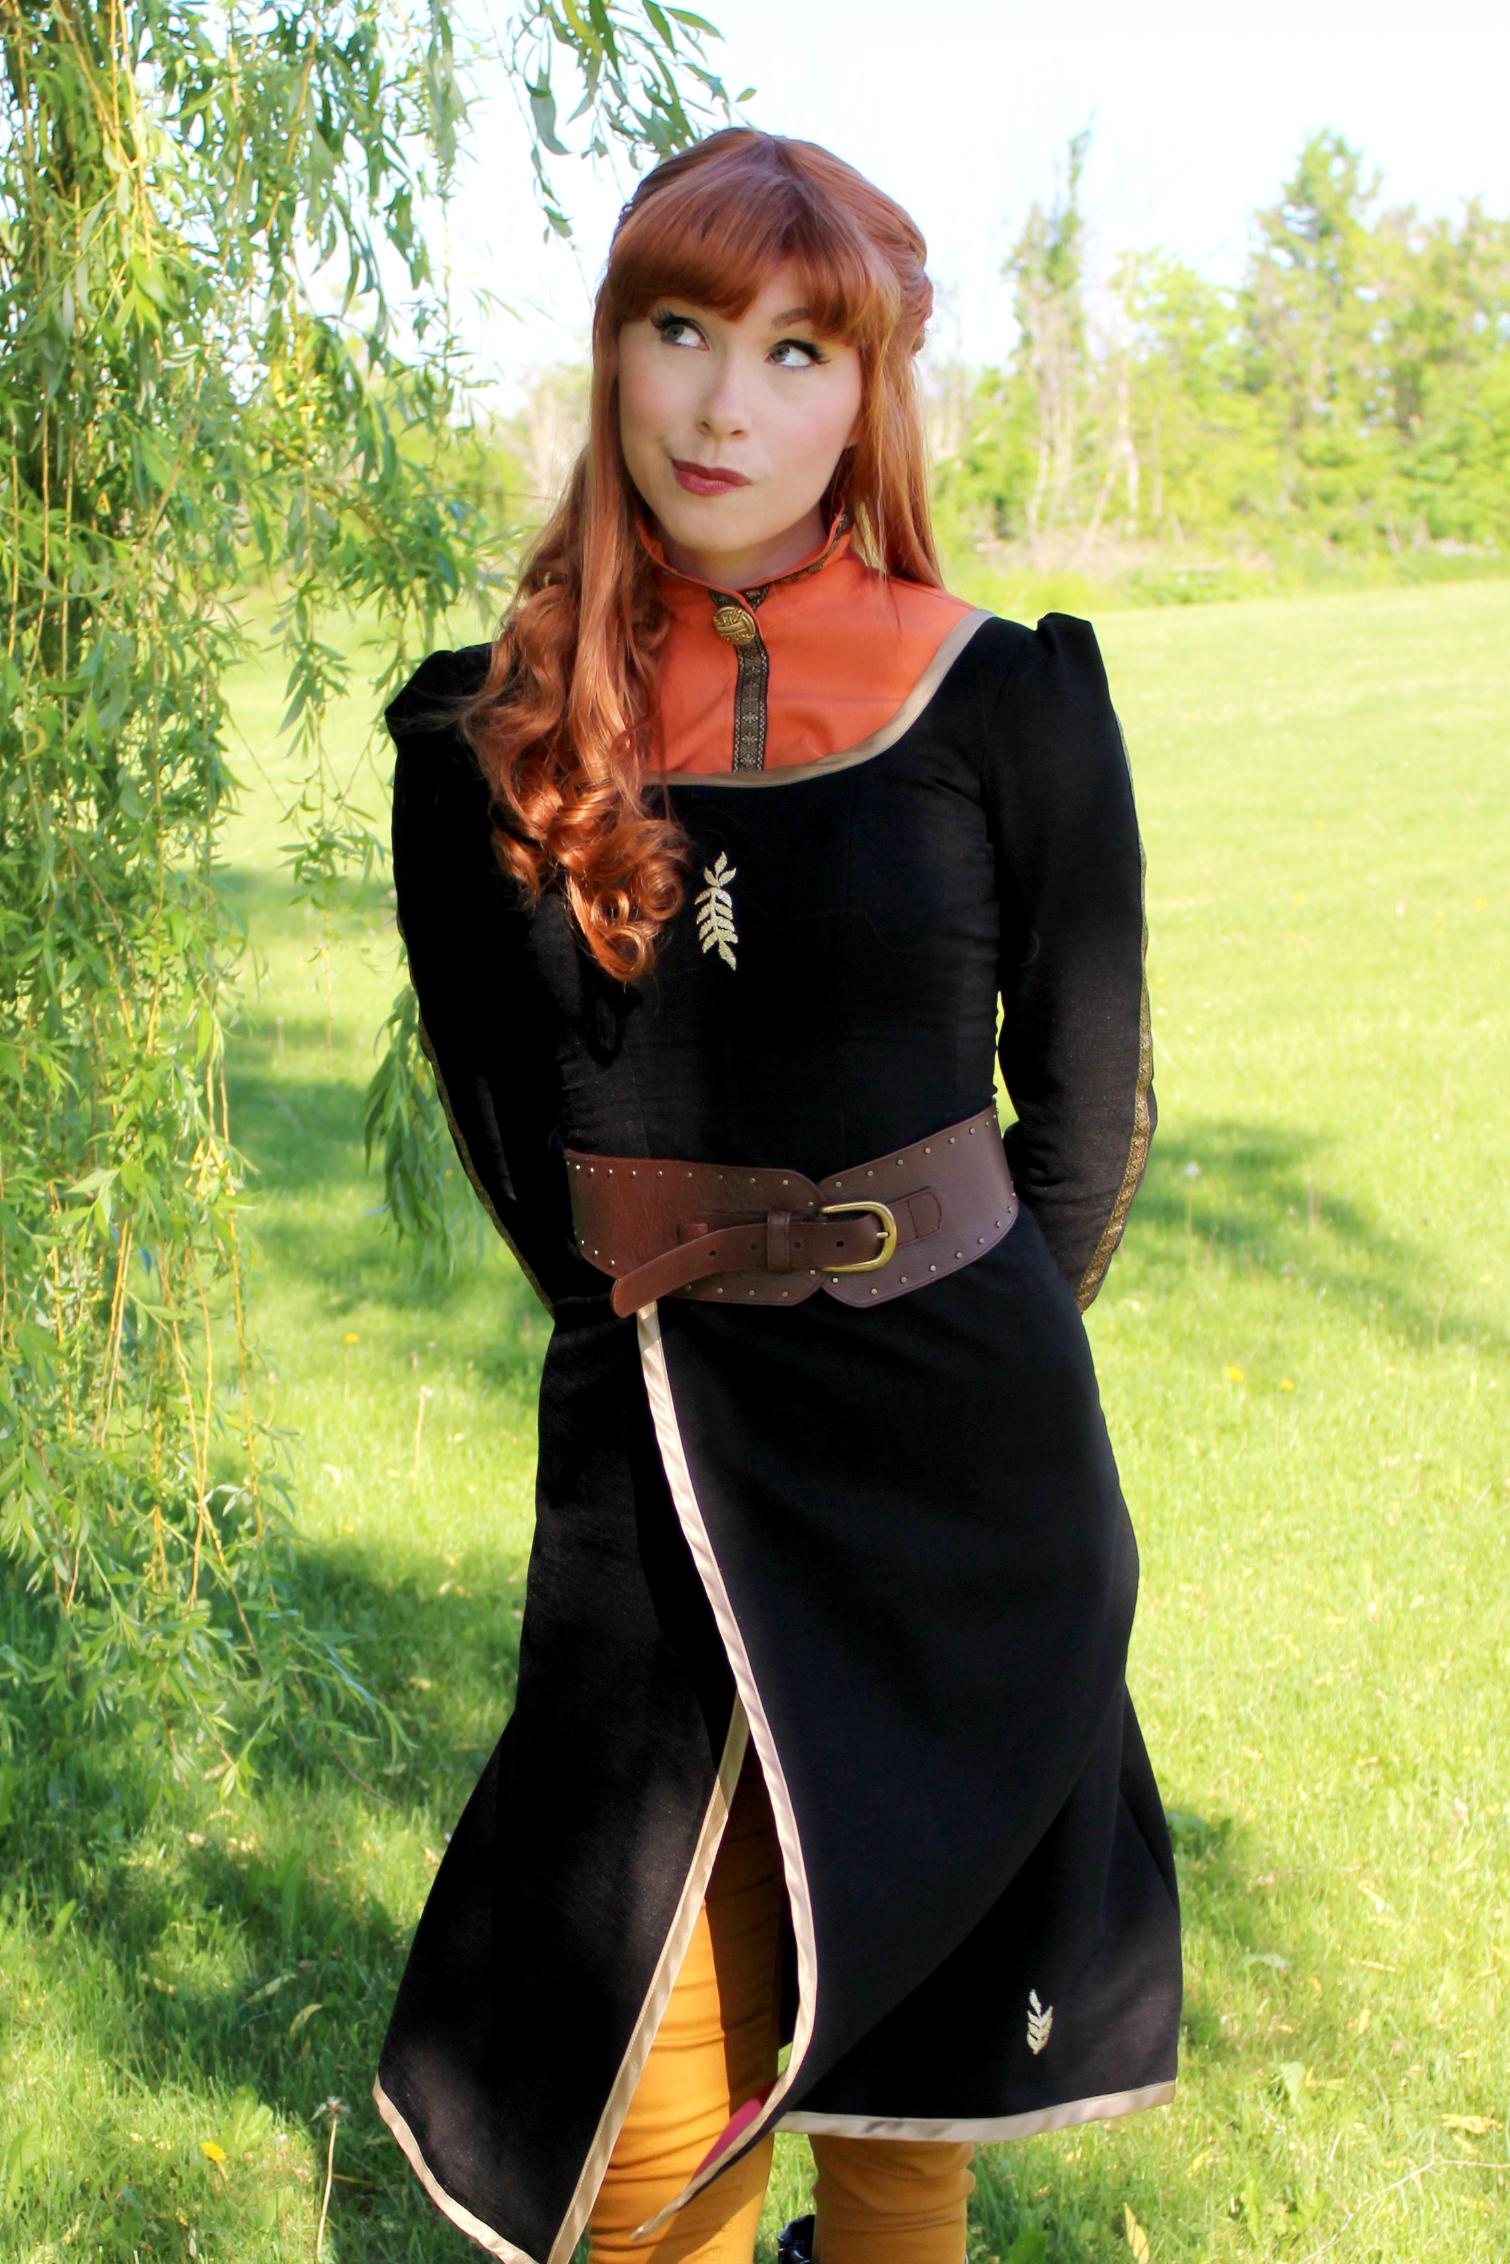 Ice princess 2 OUAP 4 Toronto Princess p